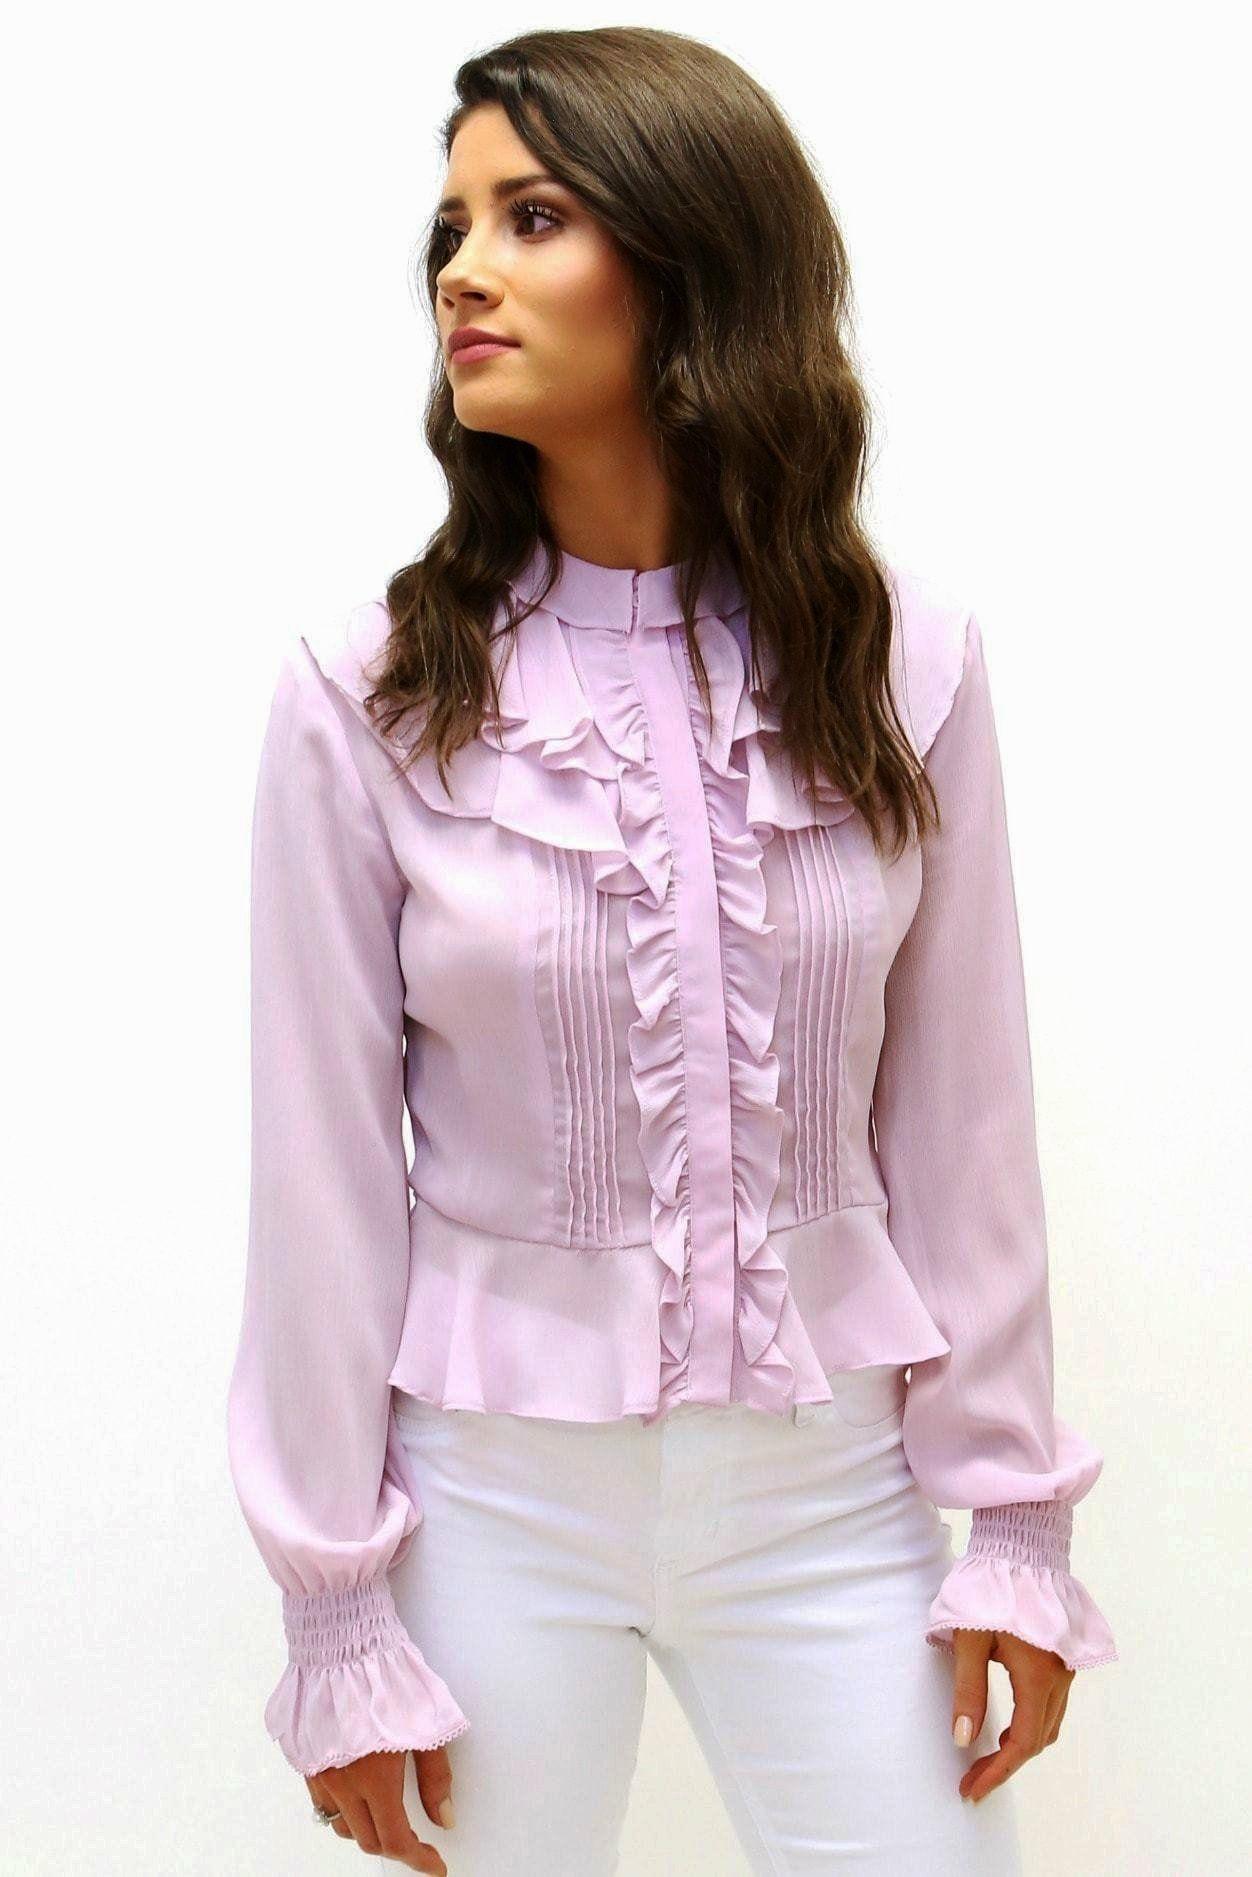 b225989e01 Semi-Sheer Ruffle Blouse in 2019 | Fashion | Ruffle blouse, Ruffles ...